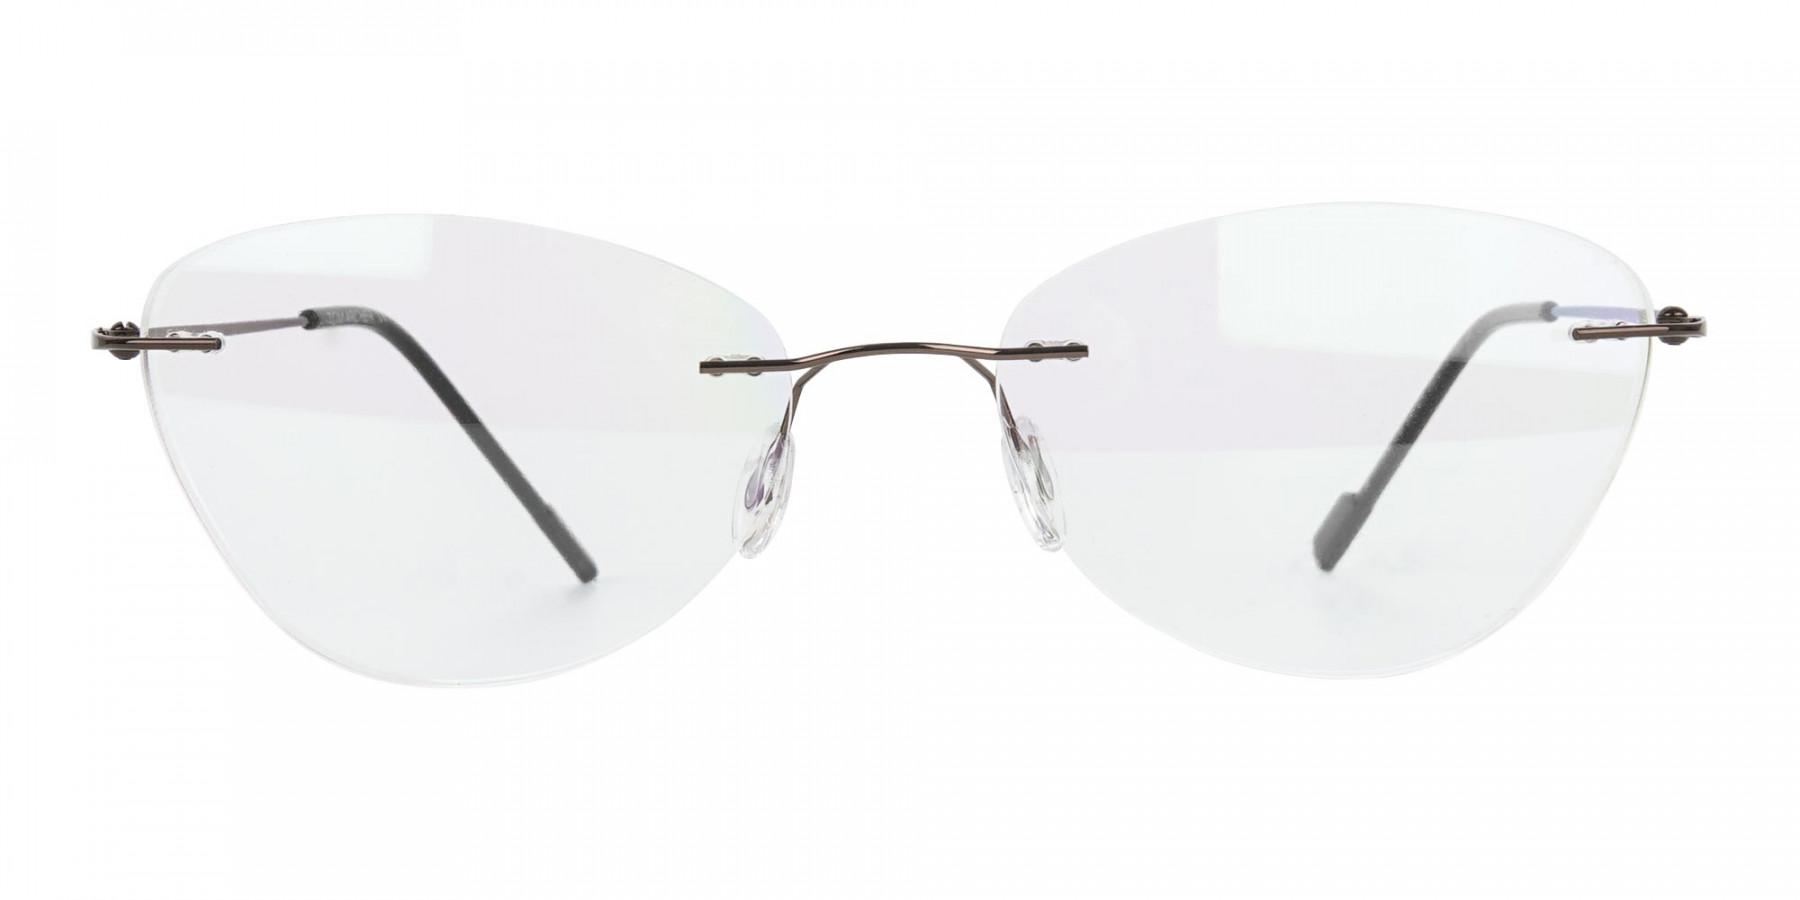 Rimless Cat-Eye Glasses in Brown Metal-1